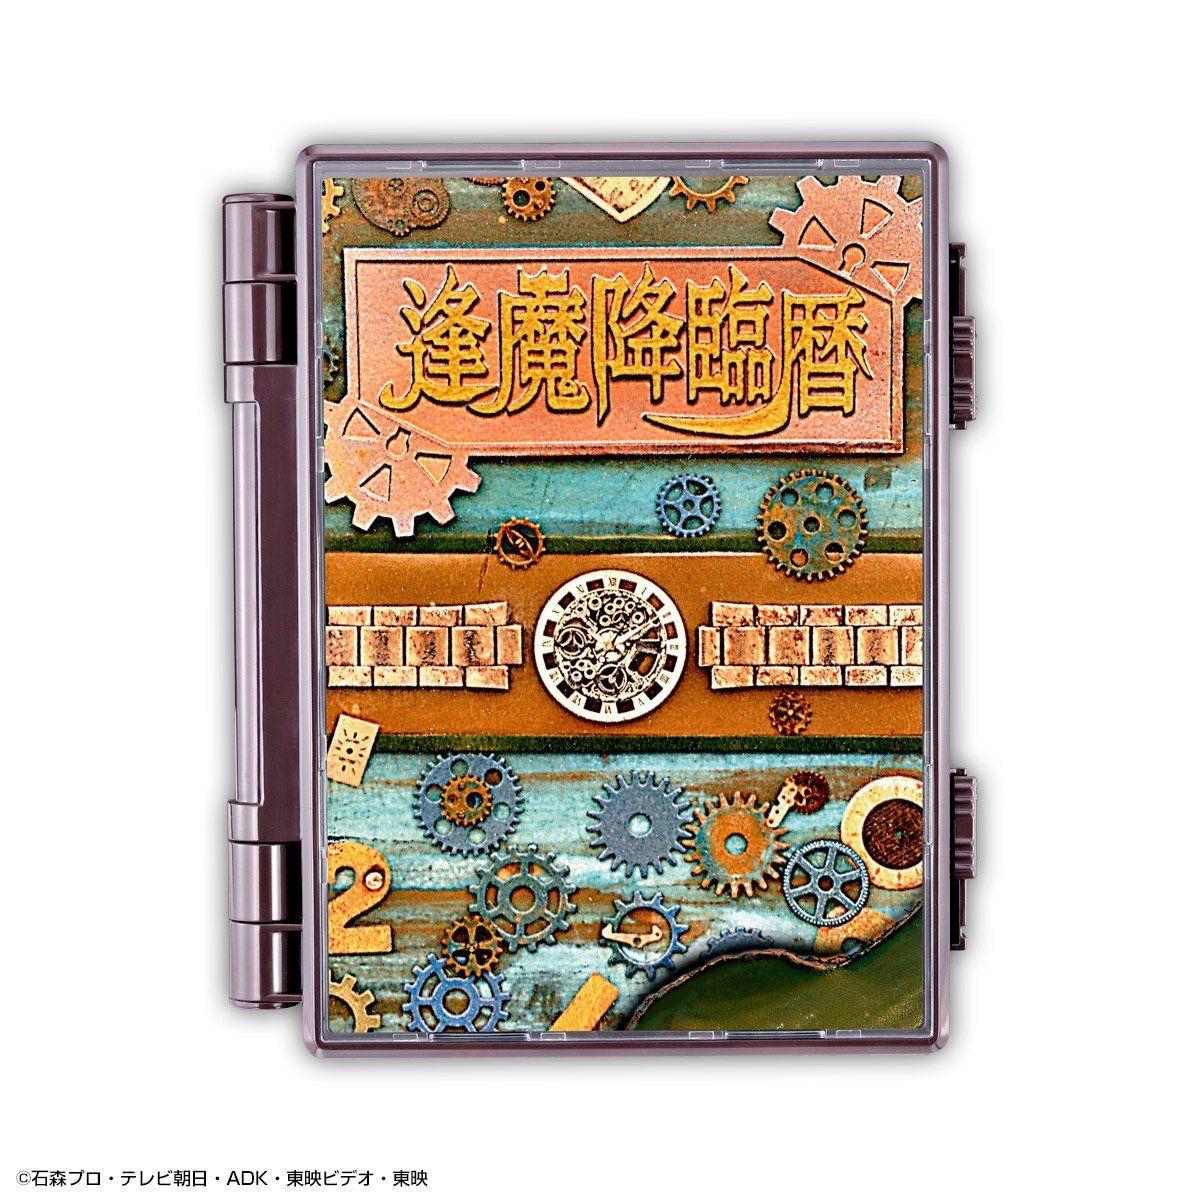 仮面ライダー ブットバソウル『オフィシャルメダルホルダー -20th Anniversary-』-010